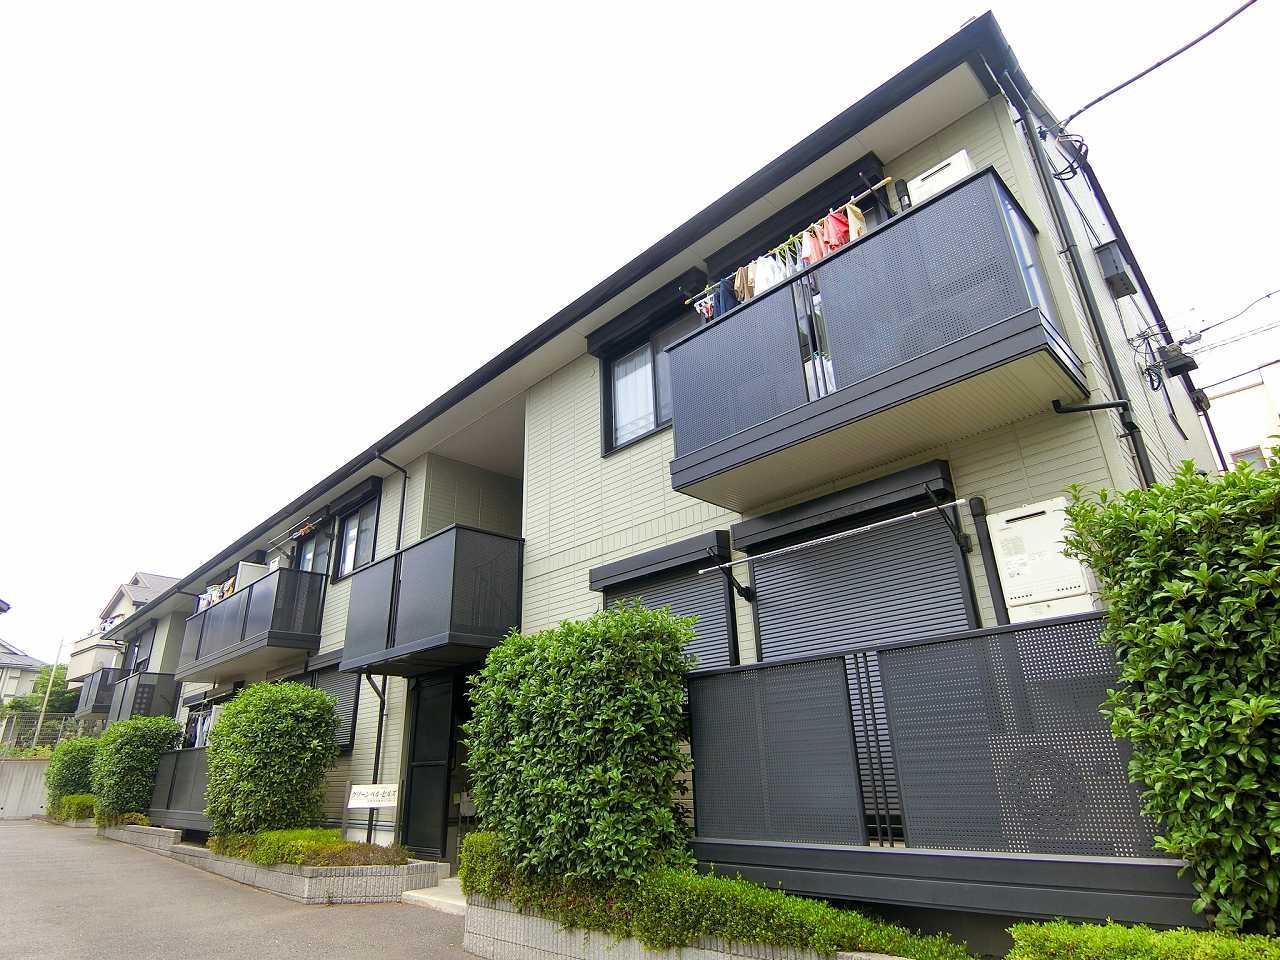 東京都西東京市、保谷駅徒歩12分の築15年 2階建の賃貸アパート